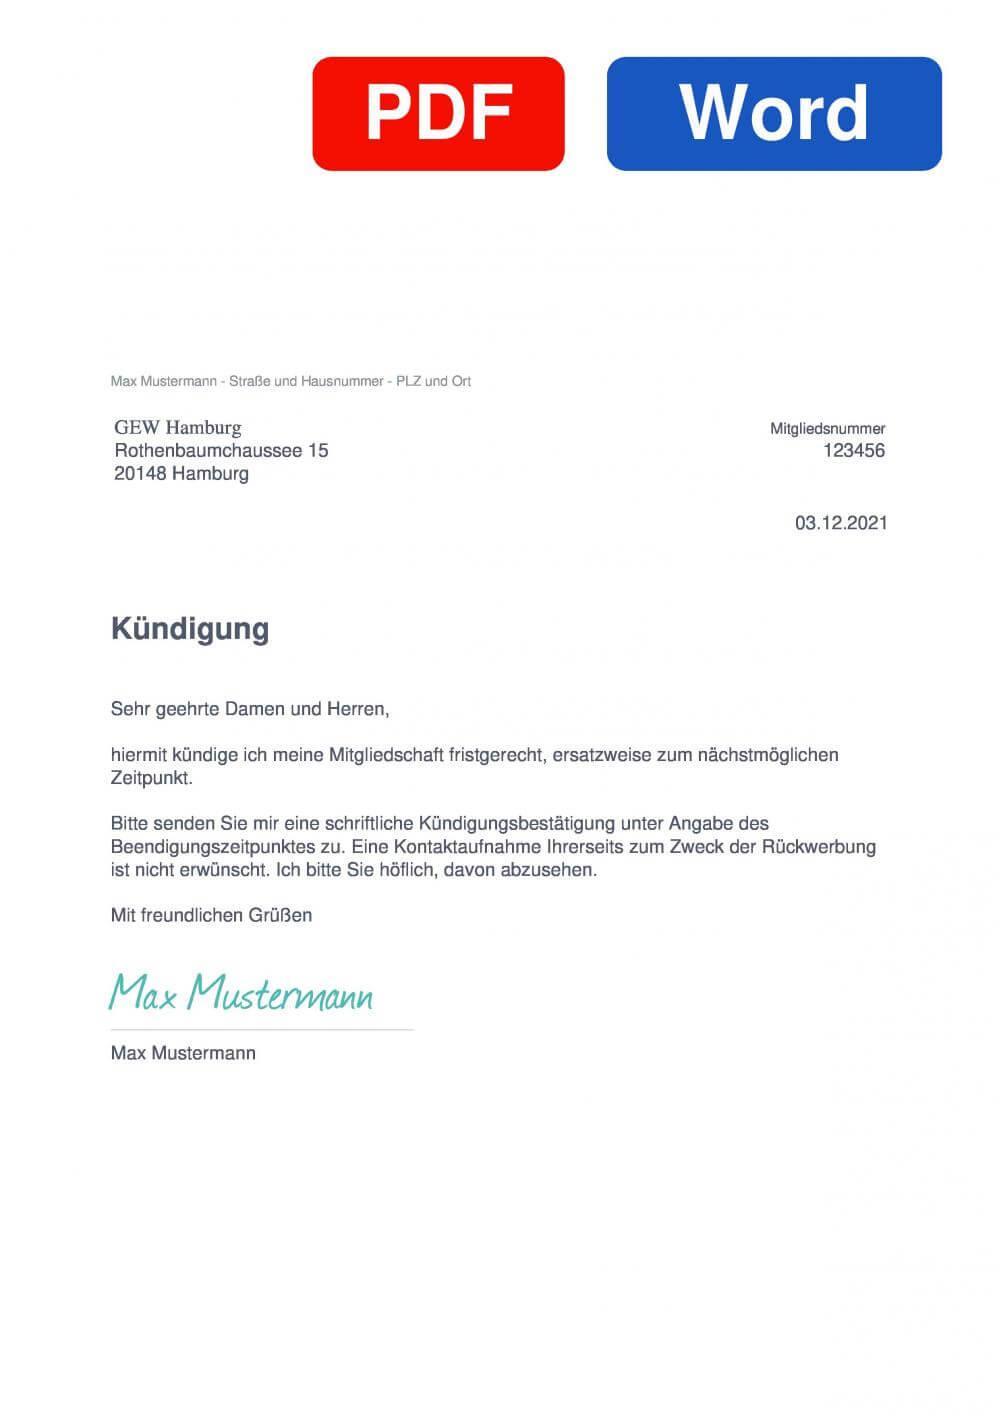 GEW Hamburg Muster Vorlage für Kündigungsschreiben